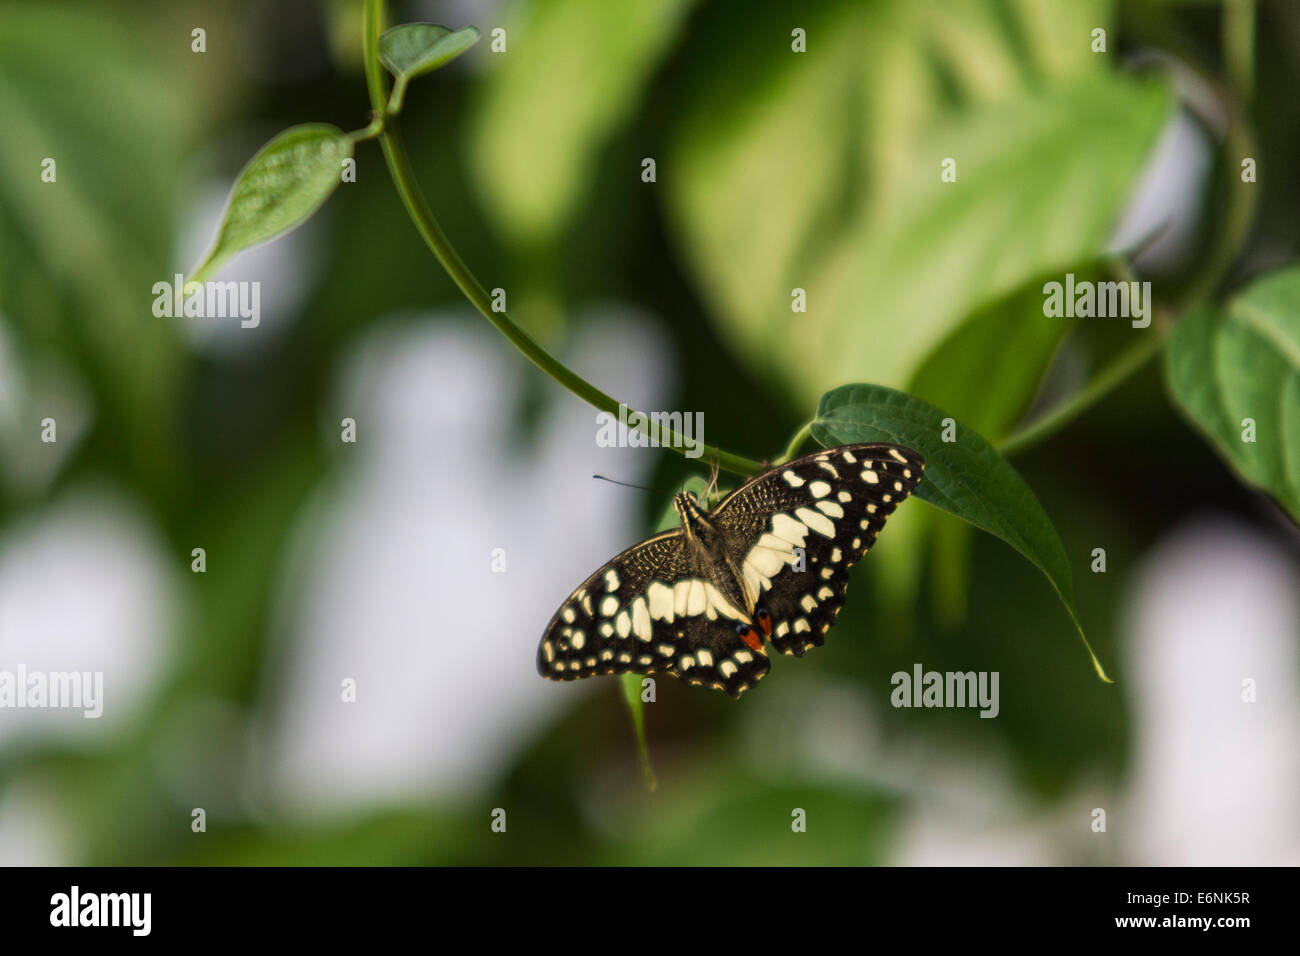 Un comune calce Butterfly (Papilio demoleus), nel paradiso a farfalla enclosure presso lo Zoo di Londra Immagini Stock